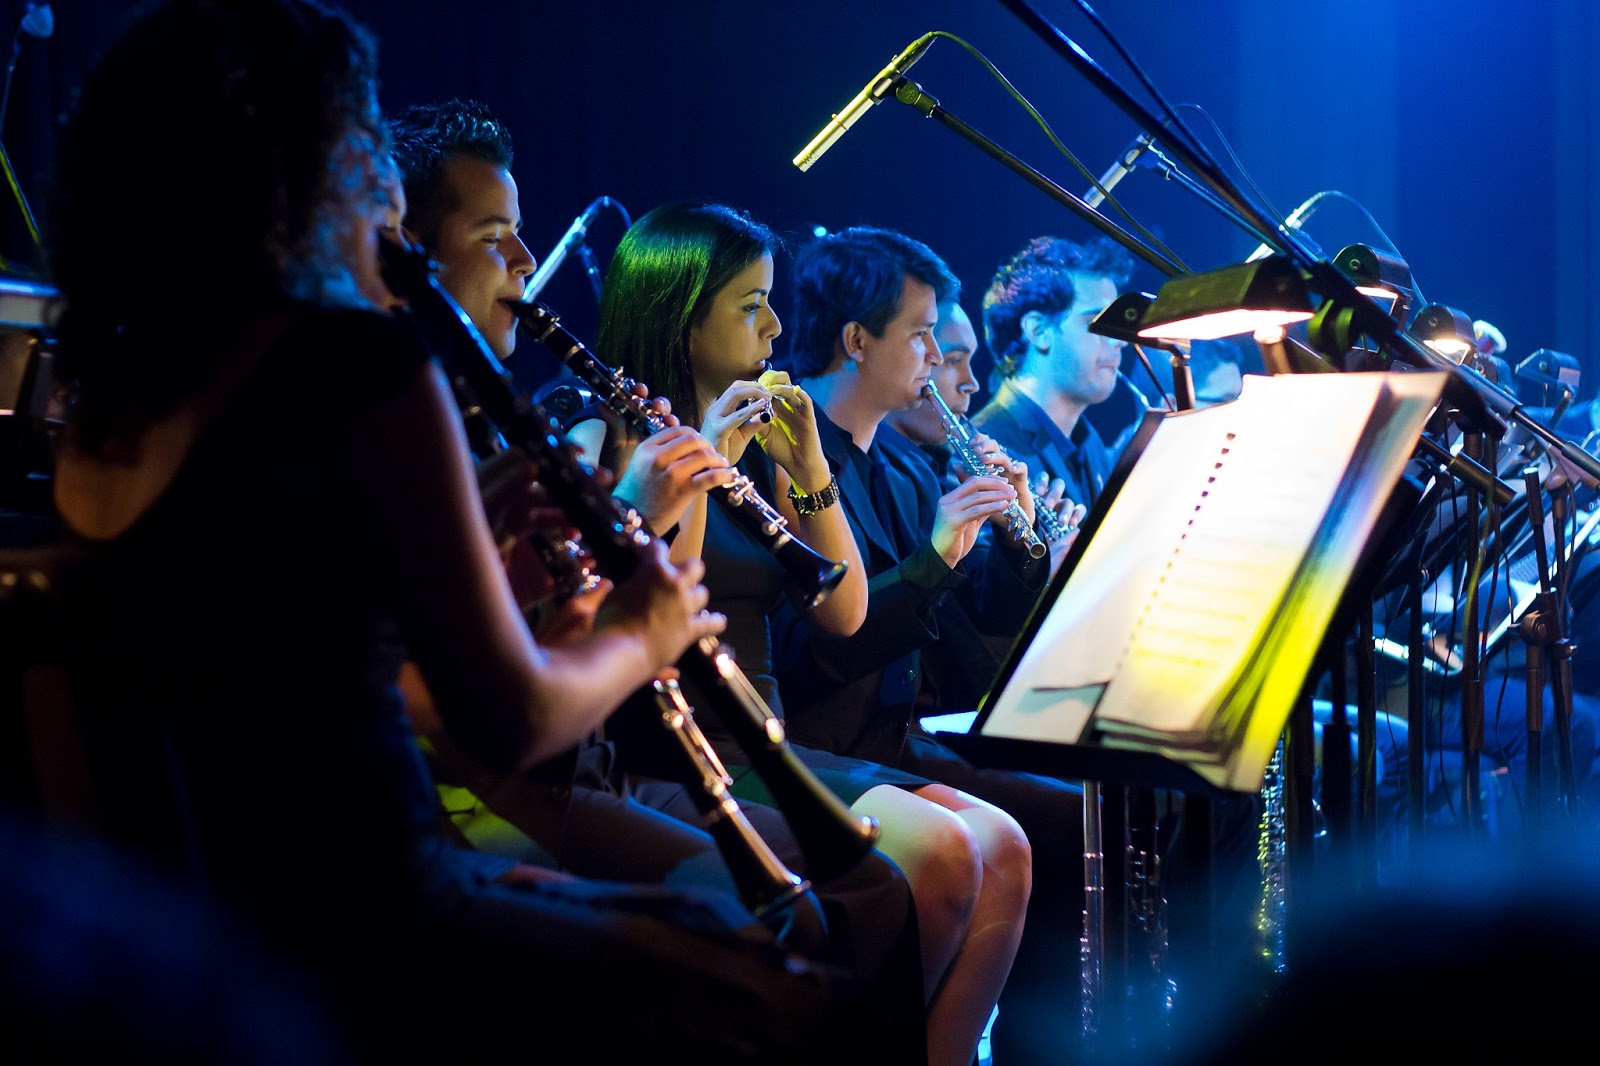 Conservatorio de m sica sim n bol var una gala musical for Conservatorio simon bolivar blog